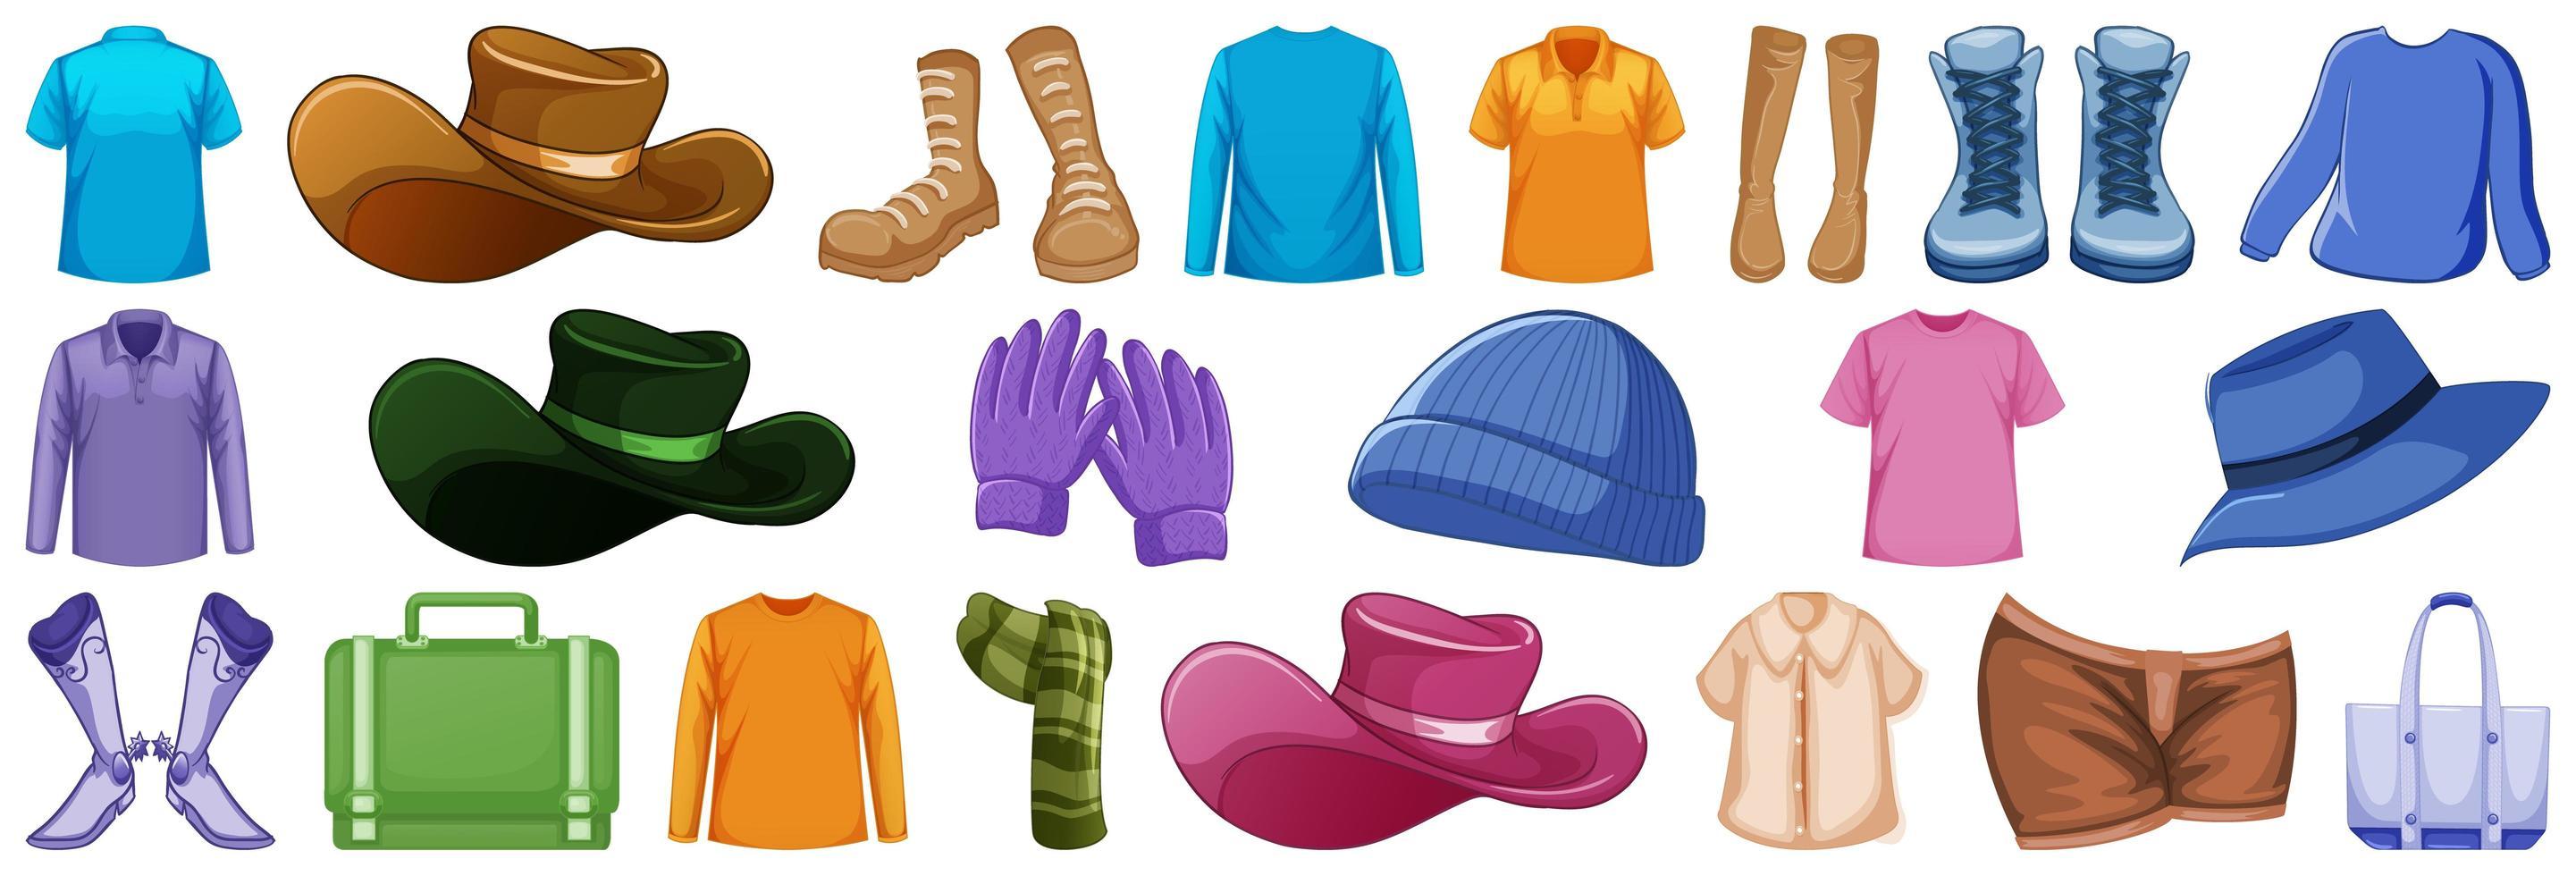 conjunto de accesorios de moda y ropa. vector